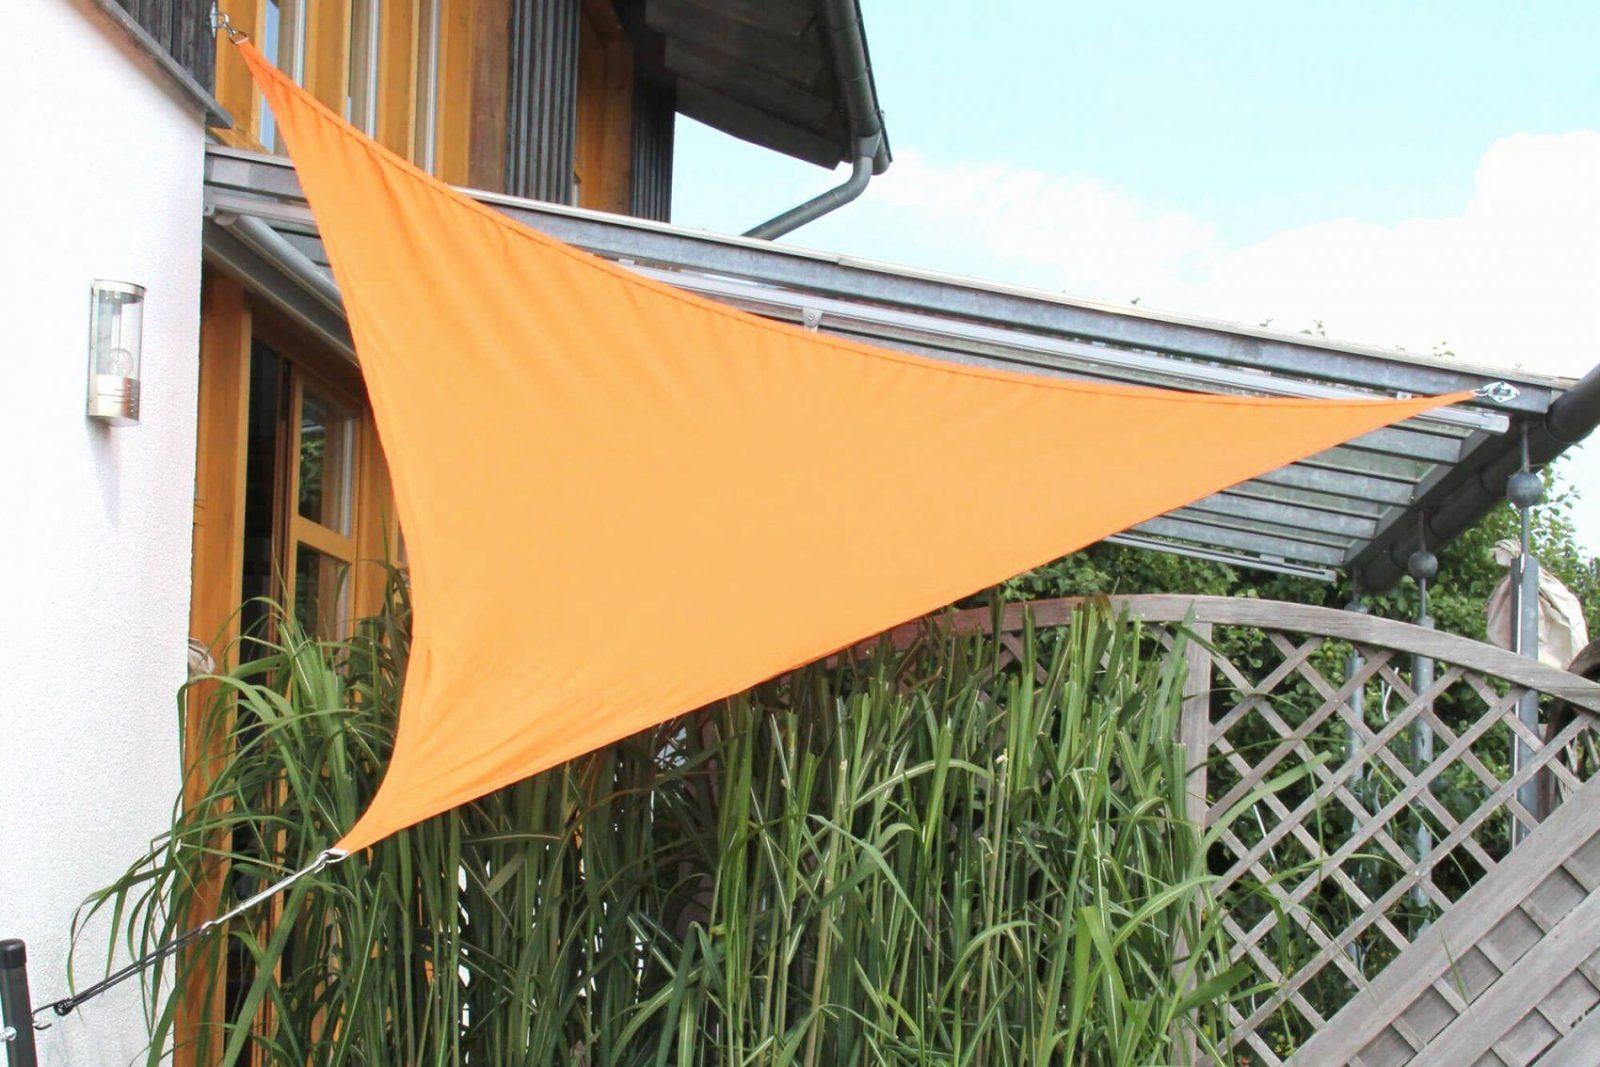 sonnensegel balkon ohne bohren sch n lustig mobel tipps mit von sonnensegel balkon ohne bohren